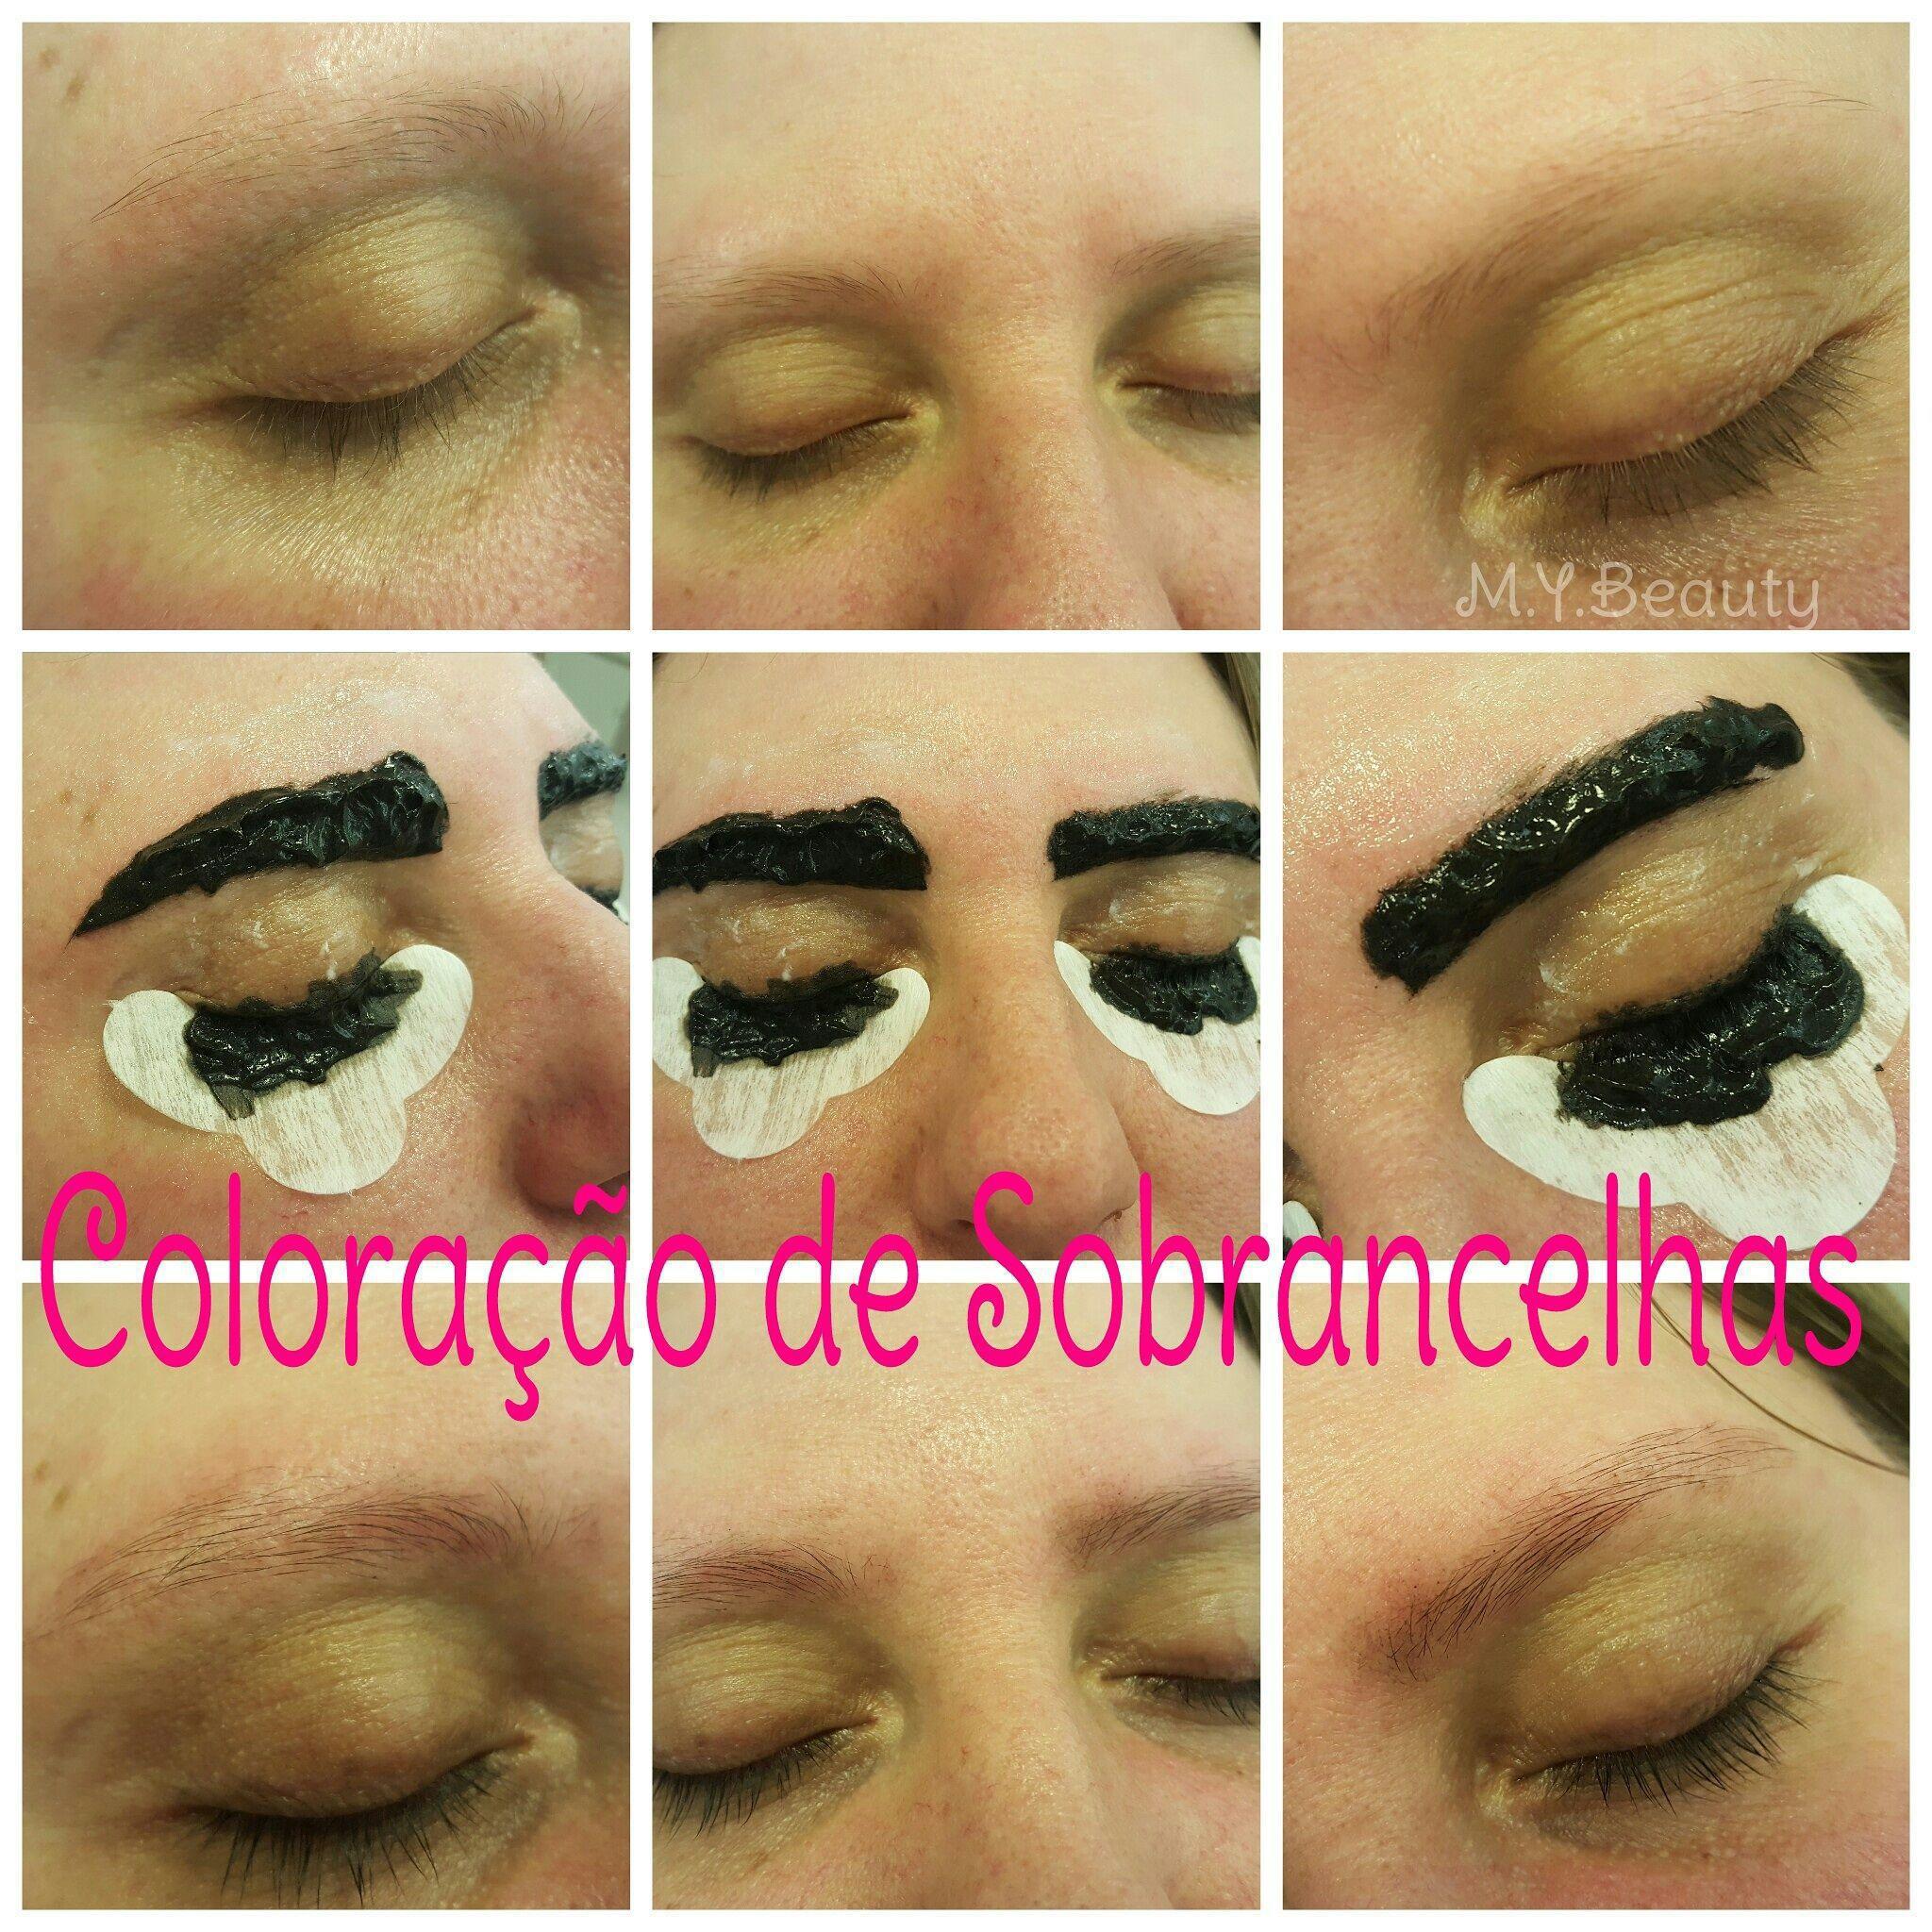 Coloração de cílios e sobrancelhas depilador(a) depilador(a) designer de sobrancelhas